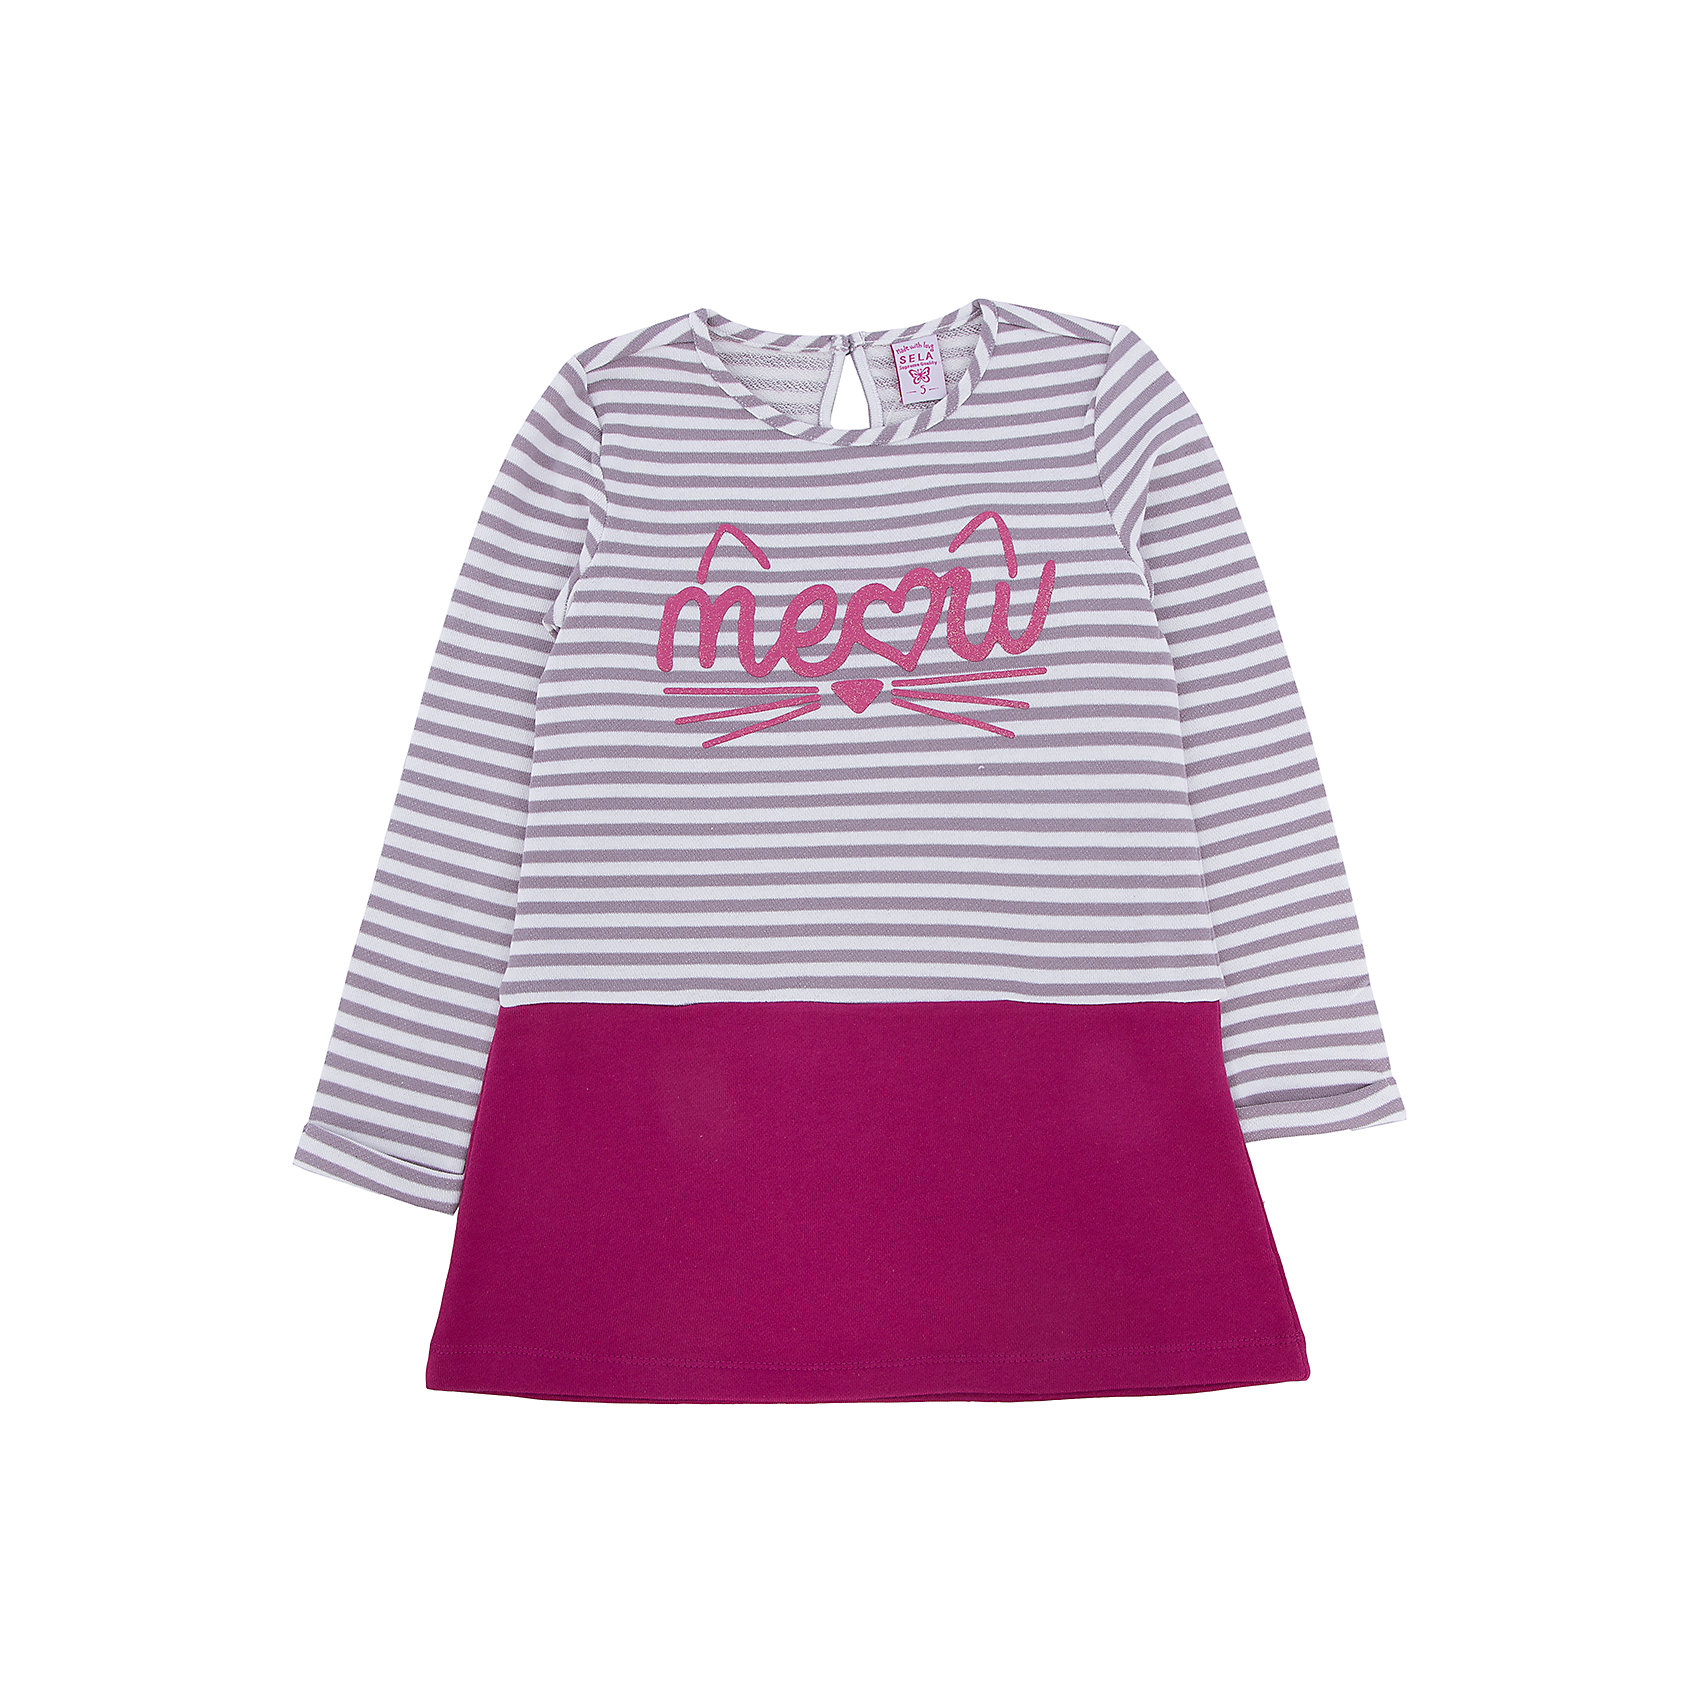 Платье для девочки SELAОдежда от SELA для детей - это качественные модные вещи по привлекательным ценам. Данная модель относится к коллекции нового сезона, она учитывает последние тренды в моде, поэтому смотрится стильно, с ней можно создать множество ансамблей.<br>Это симпатичное платье украшено принтом с блестками. Рукава - длинные, силуэт прямой, длина до колен. Интересно смотрится благодаря комбинированию разных тканей. Сзади застегивается на пуговицу. Изделие сшито из тщательно подобранных материалов, абсолютно безопасных для ребенка.<br><br>Дополнительная информация:<br><br>цвет: разноцветный;<br>состав:  верх - 65% хлопок, 35% ПЭ, низ - 100% хлопок;<br>украшено принтом;<br>пуговица сзади;<br>рукава длинные.<br><br>Платье для девочки от компании SELA можно купить в нашем магазине.<br><br>Ширина мм: 236<br>Глубина мм: 16<br>Высота мм: 184<br>Вес г: 177<br>Цвет: белый<br>Возраст от месяцев: 60<br>Возраст до месяцев: 72<br>Пол: Женский<br>Возраст: Детский<br>Размер: 104,92,110,116,98<br>SKU: 4912994